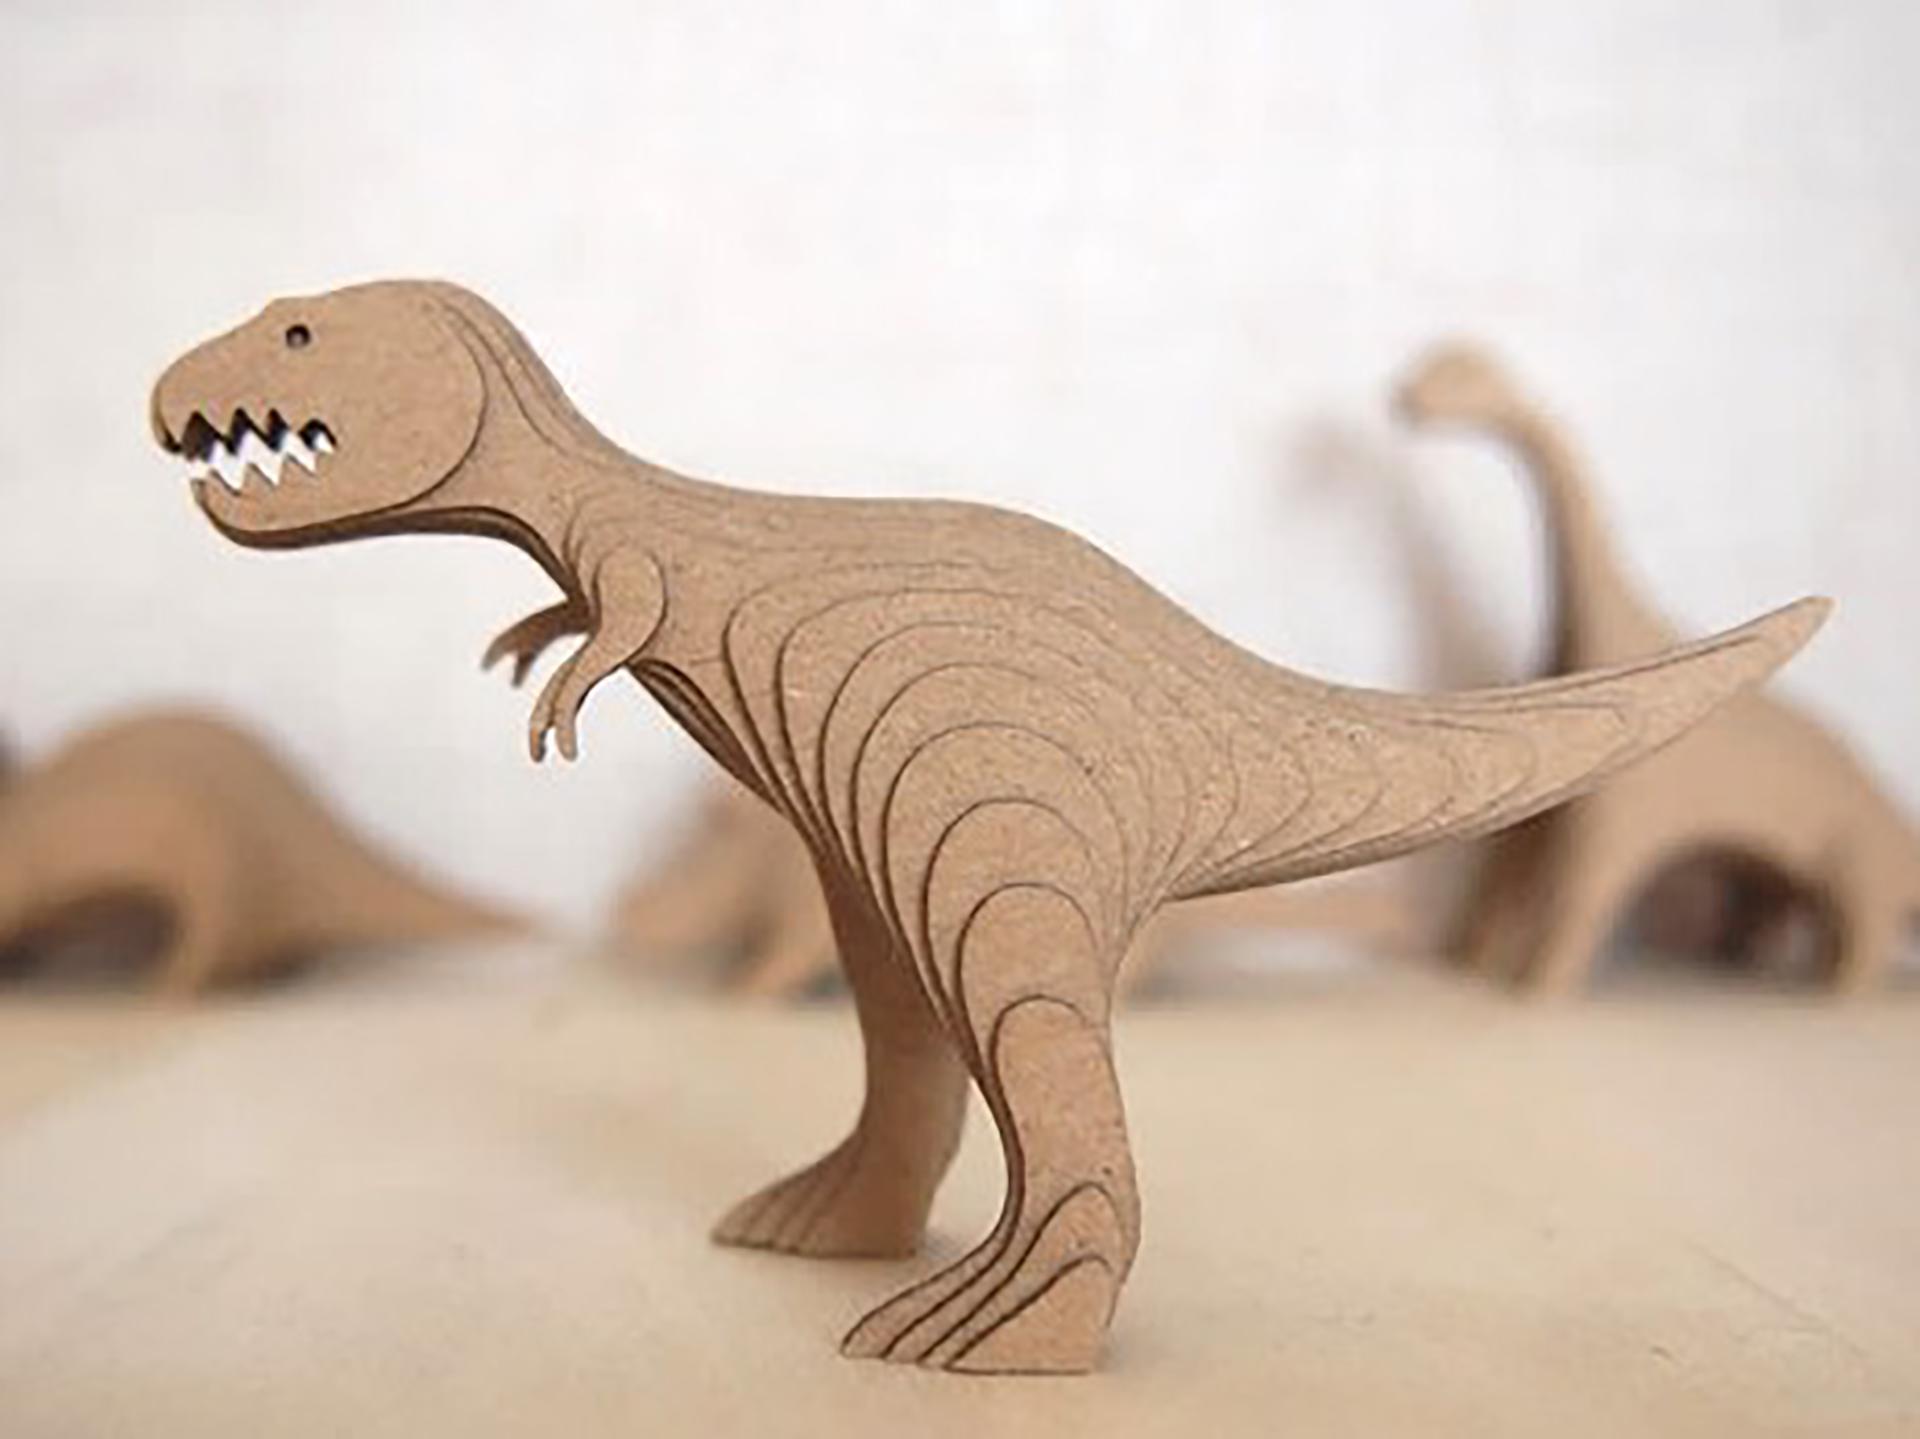 この写真は「暮らしとクリーマ」で開催する「かわいい動物あつめました。」に出展する段々倶楽部 / 段々キットをつくろう!のワークショップ実例・恐竜です。